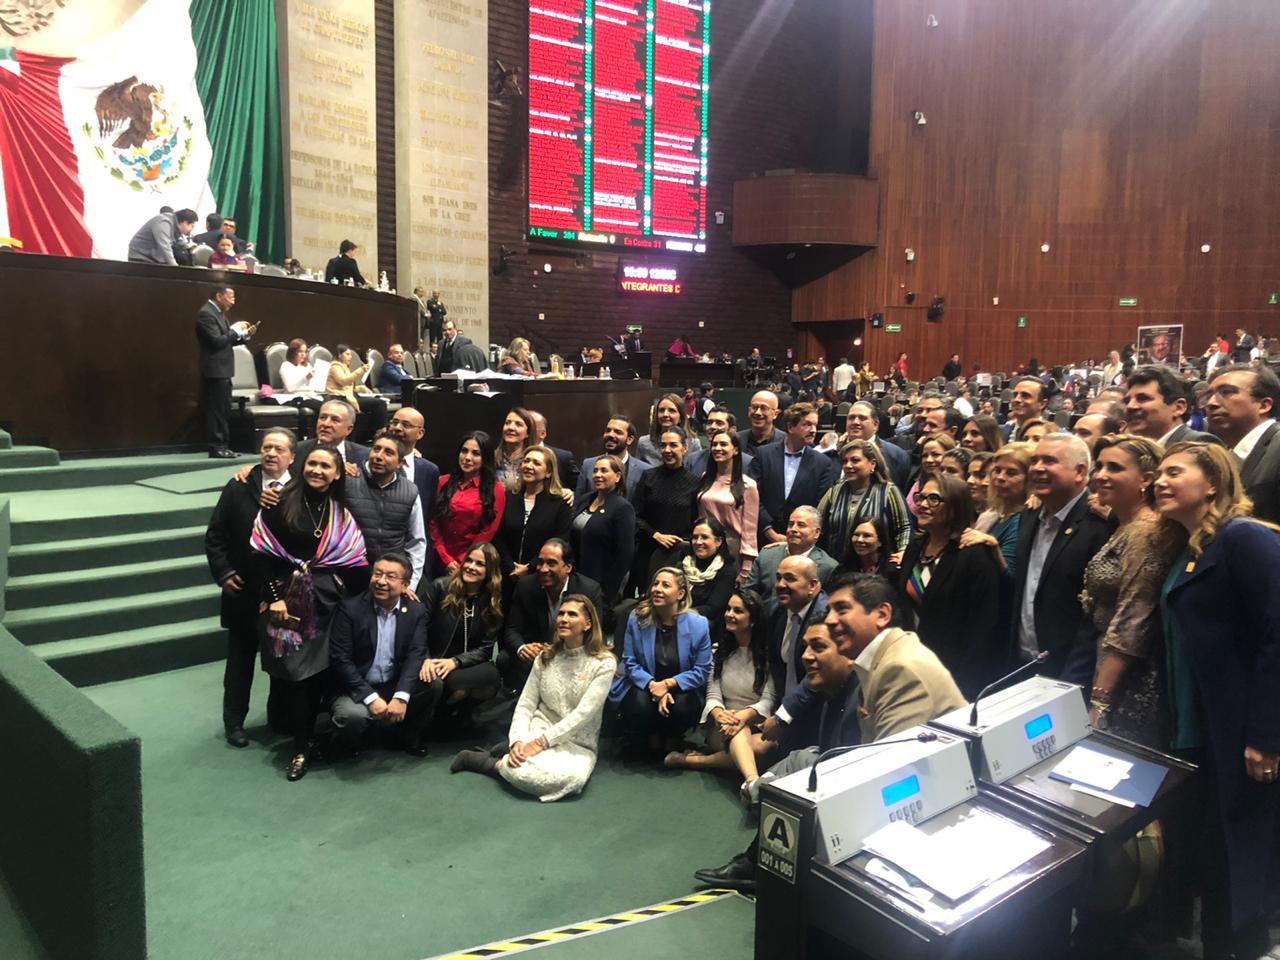 RECHAZAN DIPUTADOS REFORMA PARA RECORTAR 50% DEL PRESUPUESTO A PARTIDOS POLÍTICOS